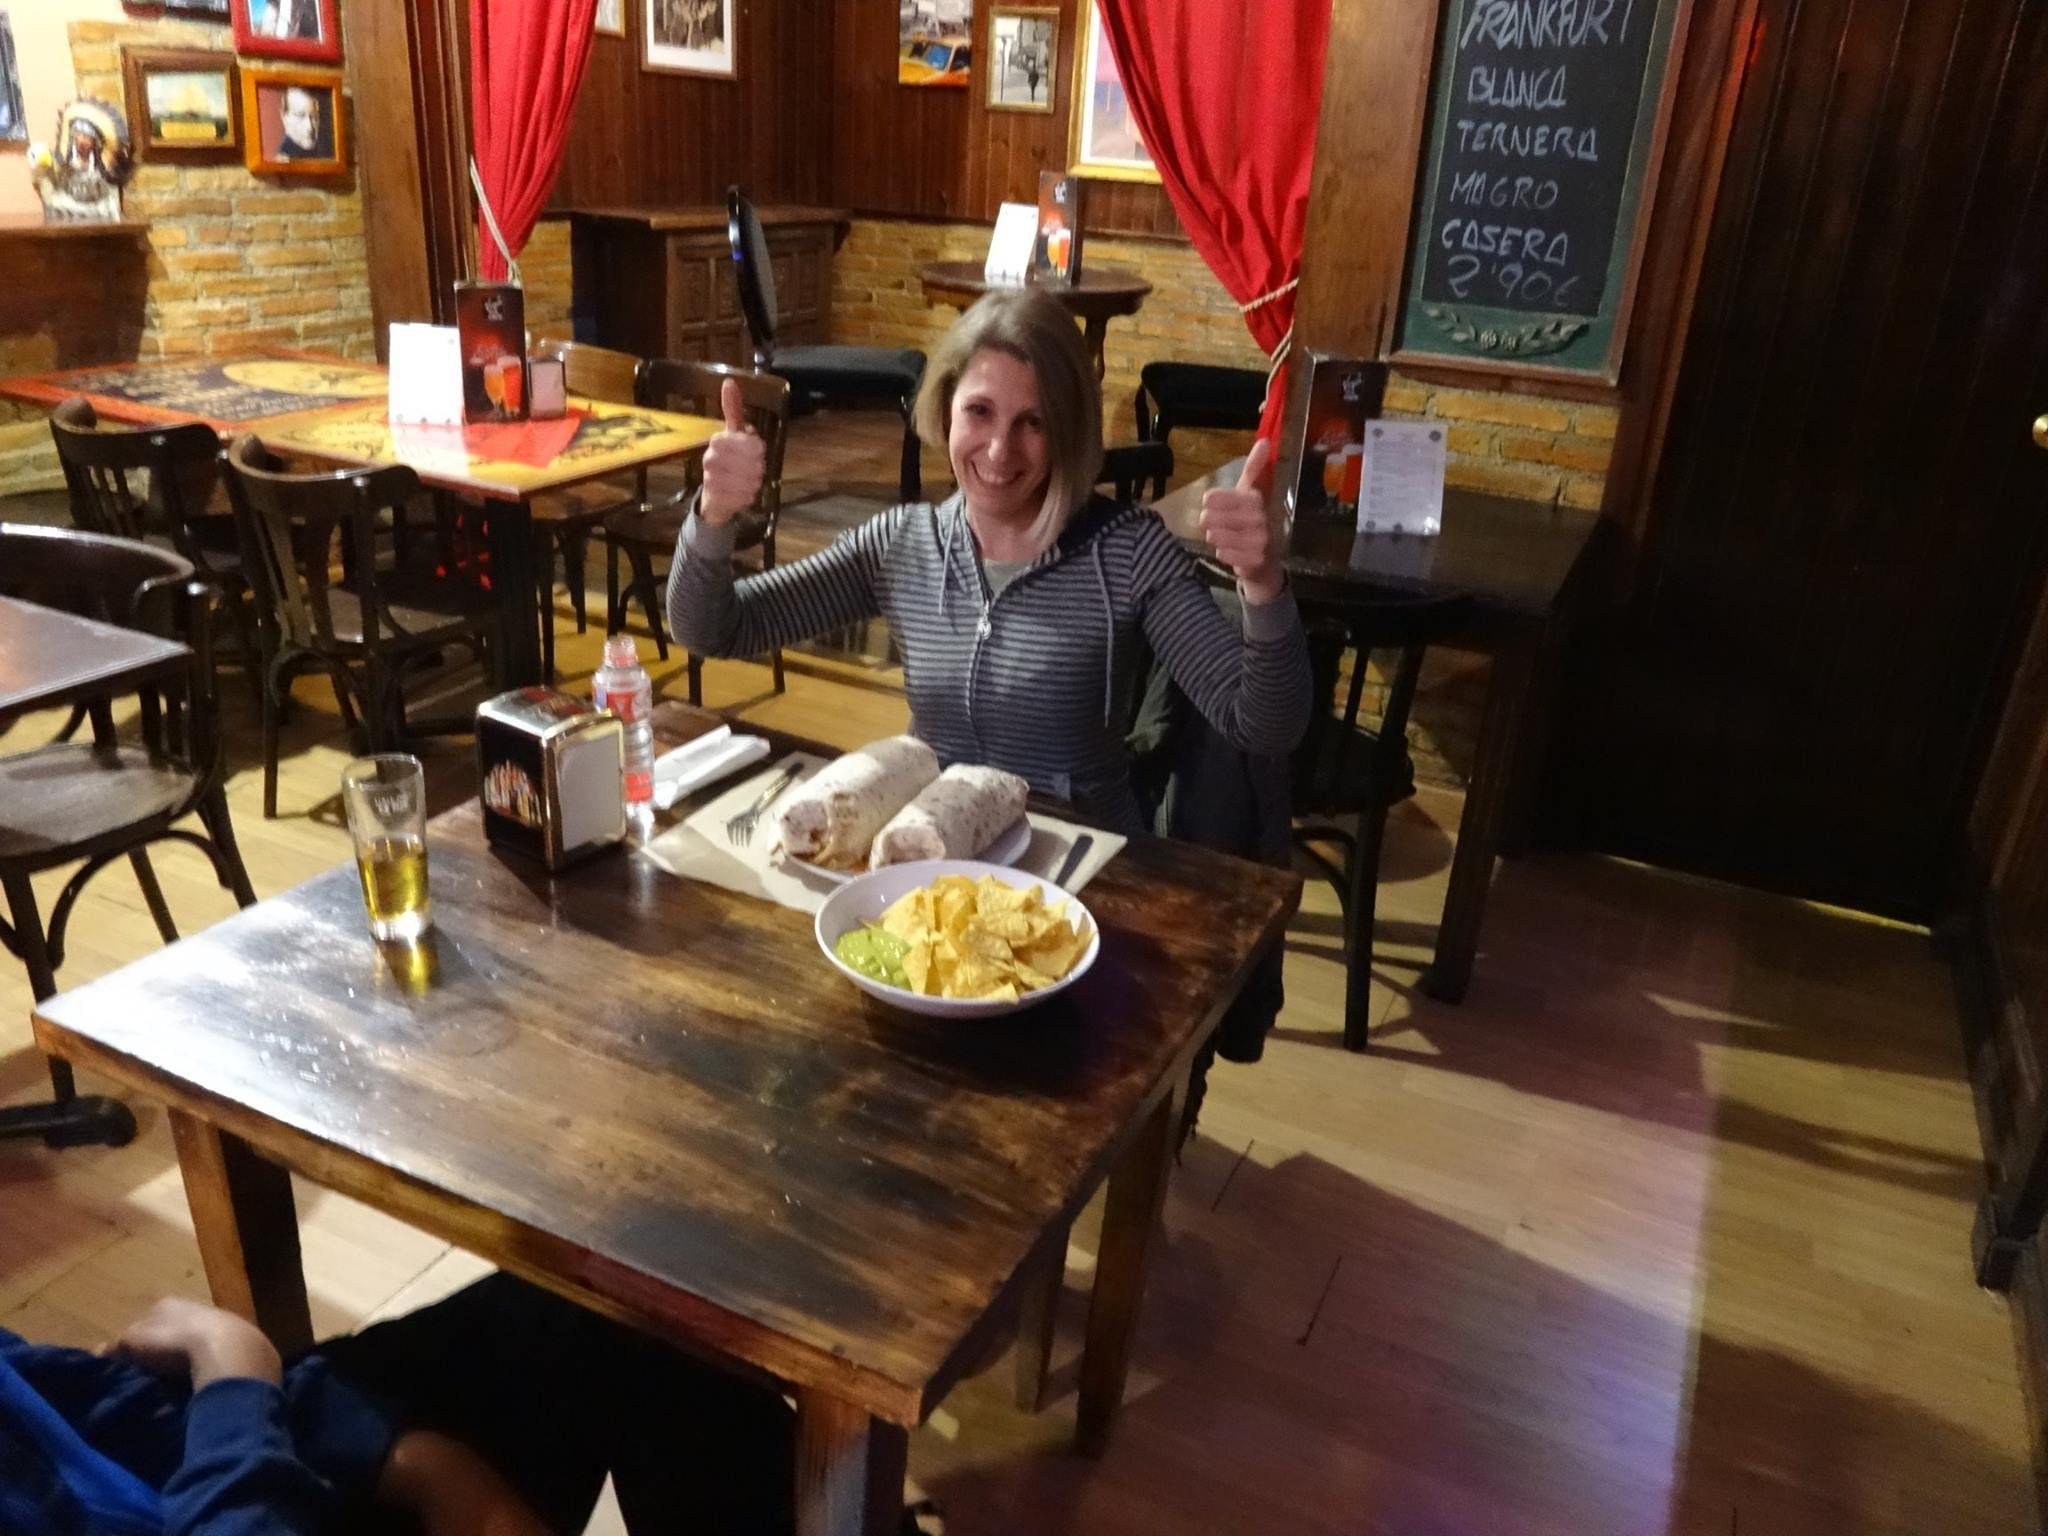 Foto 22 de Restaurante de comida mexicana en  | Café Viryin SingStar